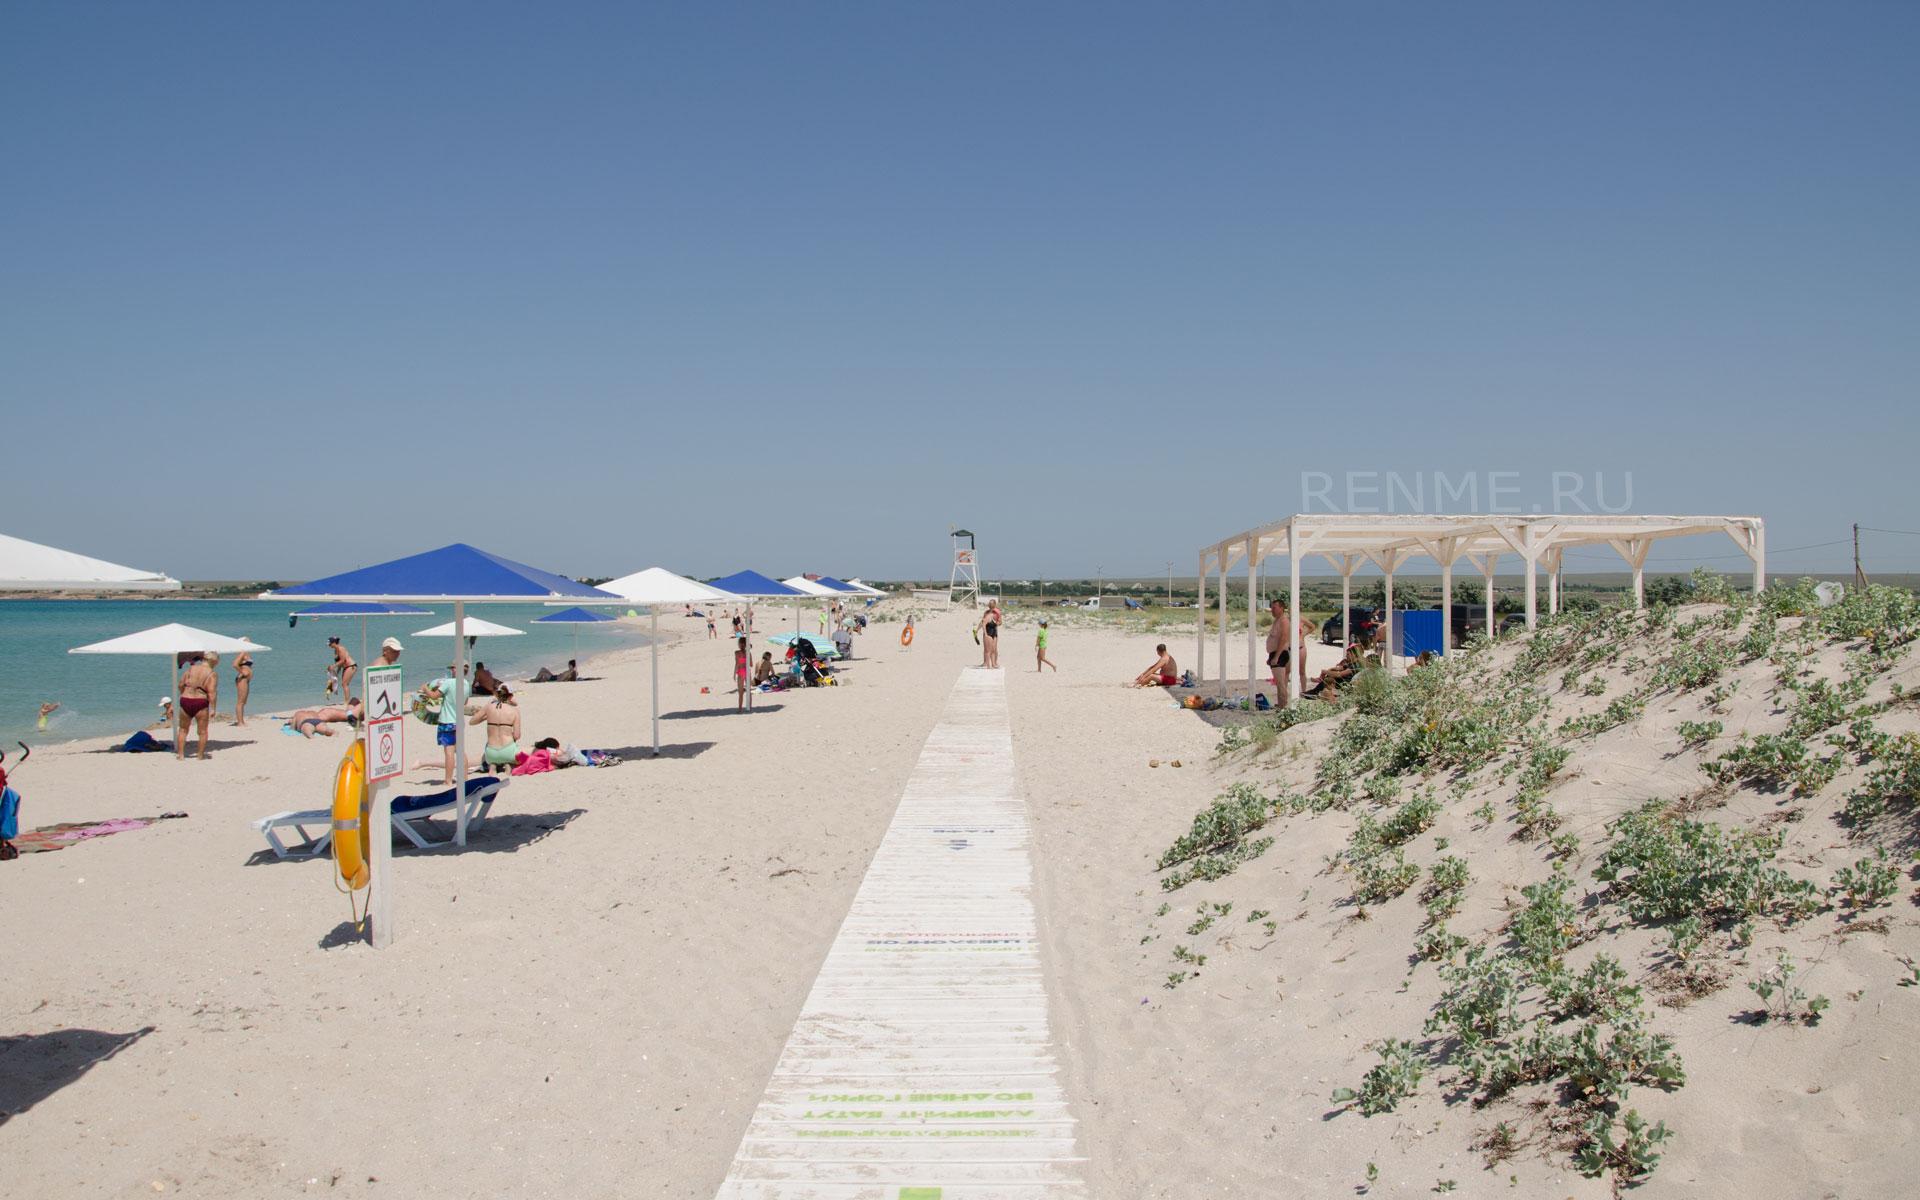 Чистый песчаный пляж. Фото Оленевки